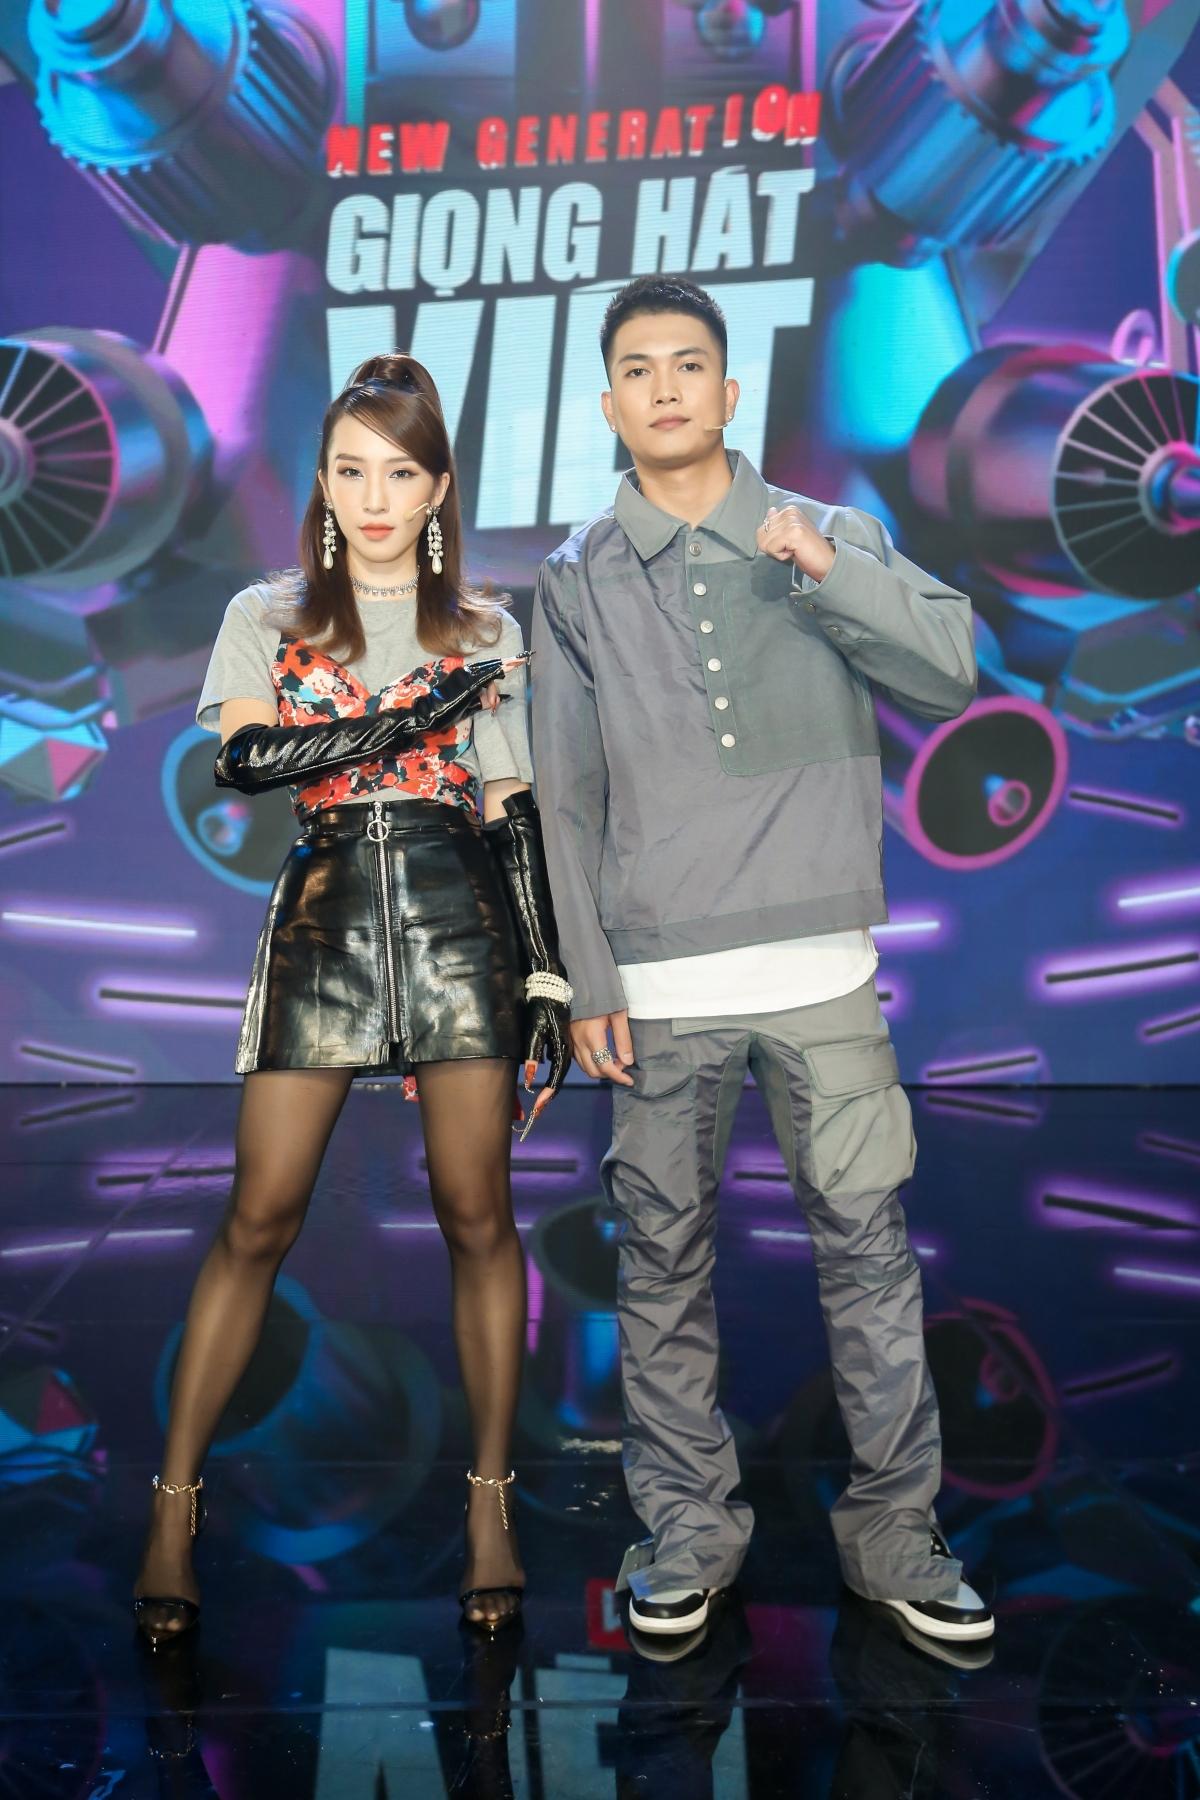 Anh Thư đã chọn về đội BigFamily trong chương trình Giọng hát Việt nhí New Generation 2021.